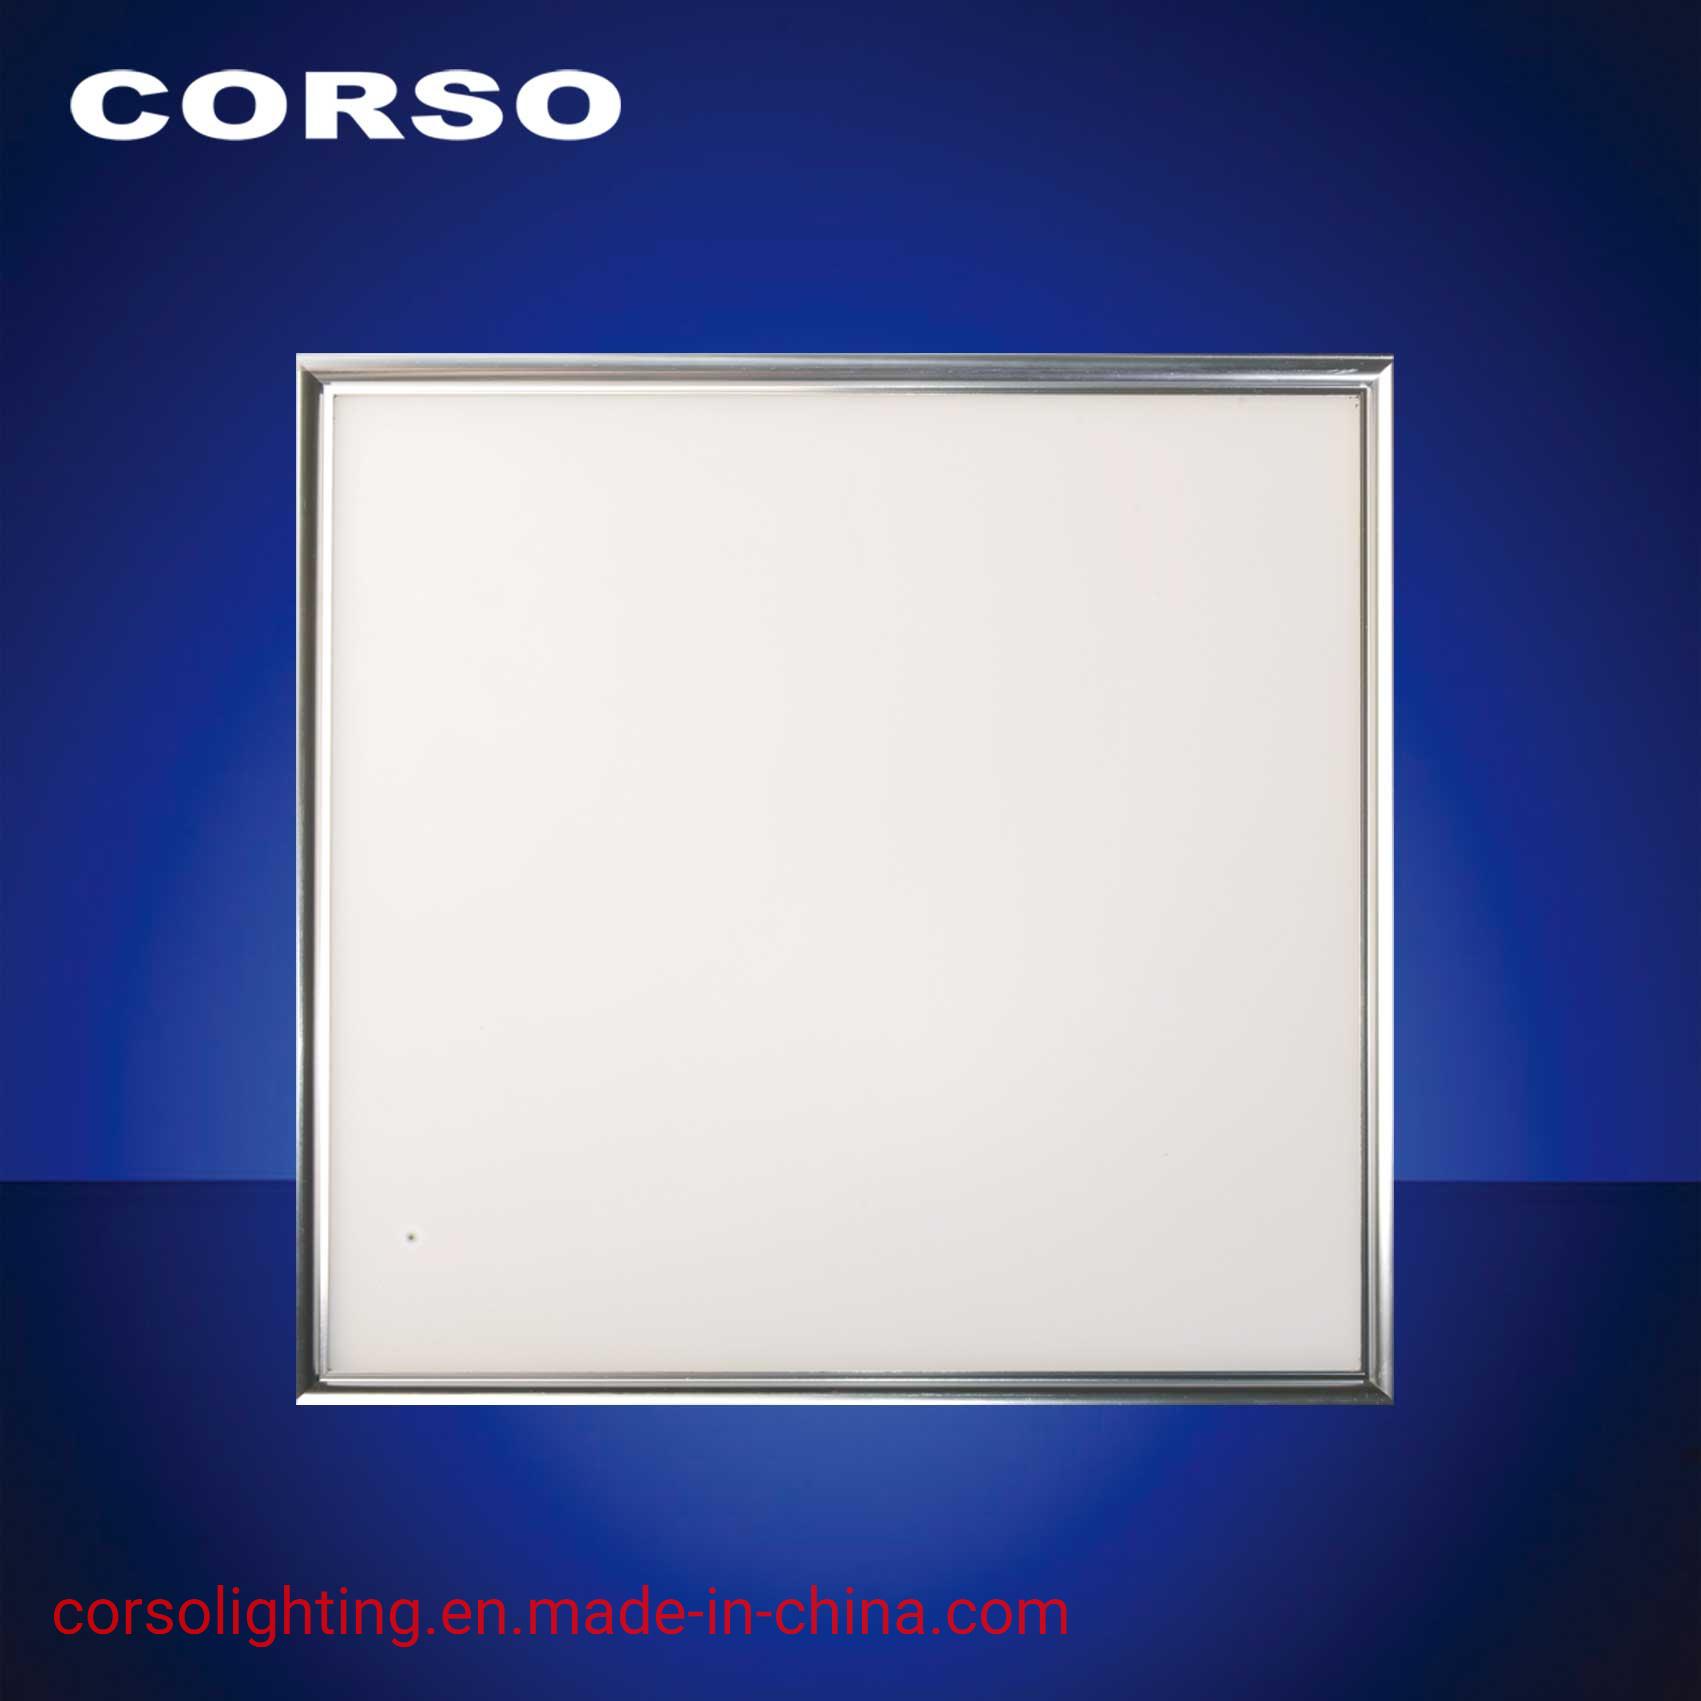 36W Суперяркий стороны светодиодная панель с подсветкой потолочный светильник с маркировкой CE стандарт для домашнего освещения в коммерческих целях без мерцания лампа зажимное приспособление для установки внутри помещений